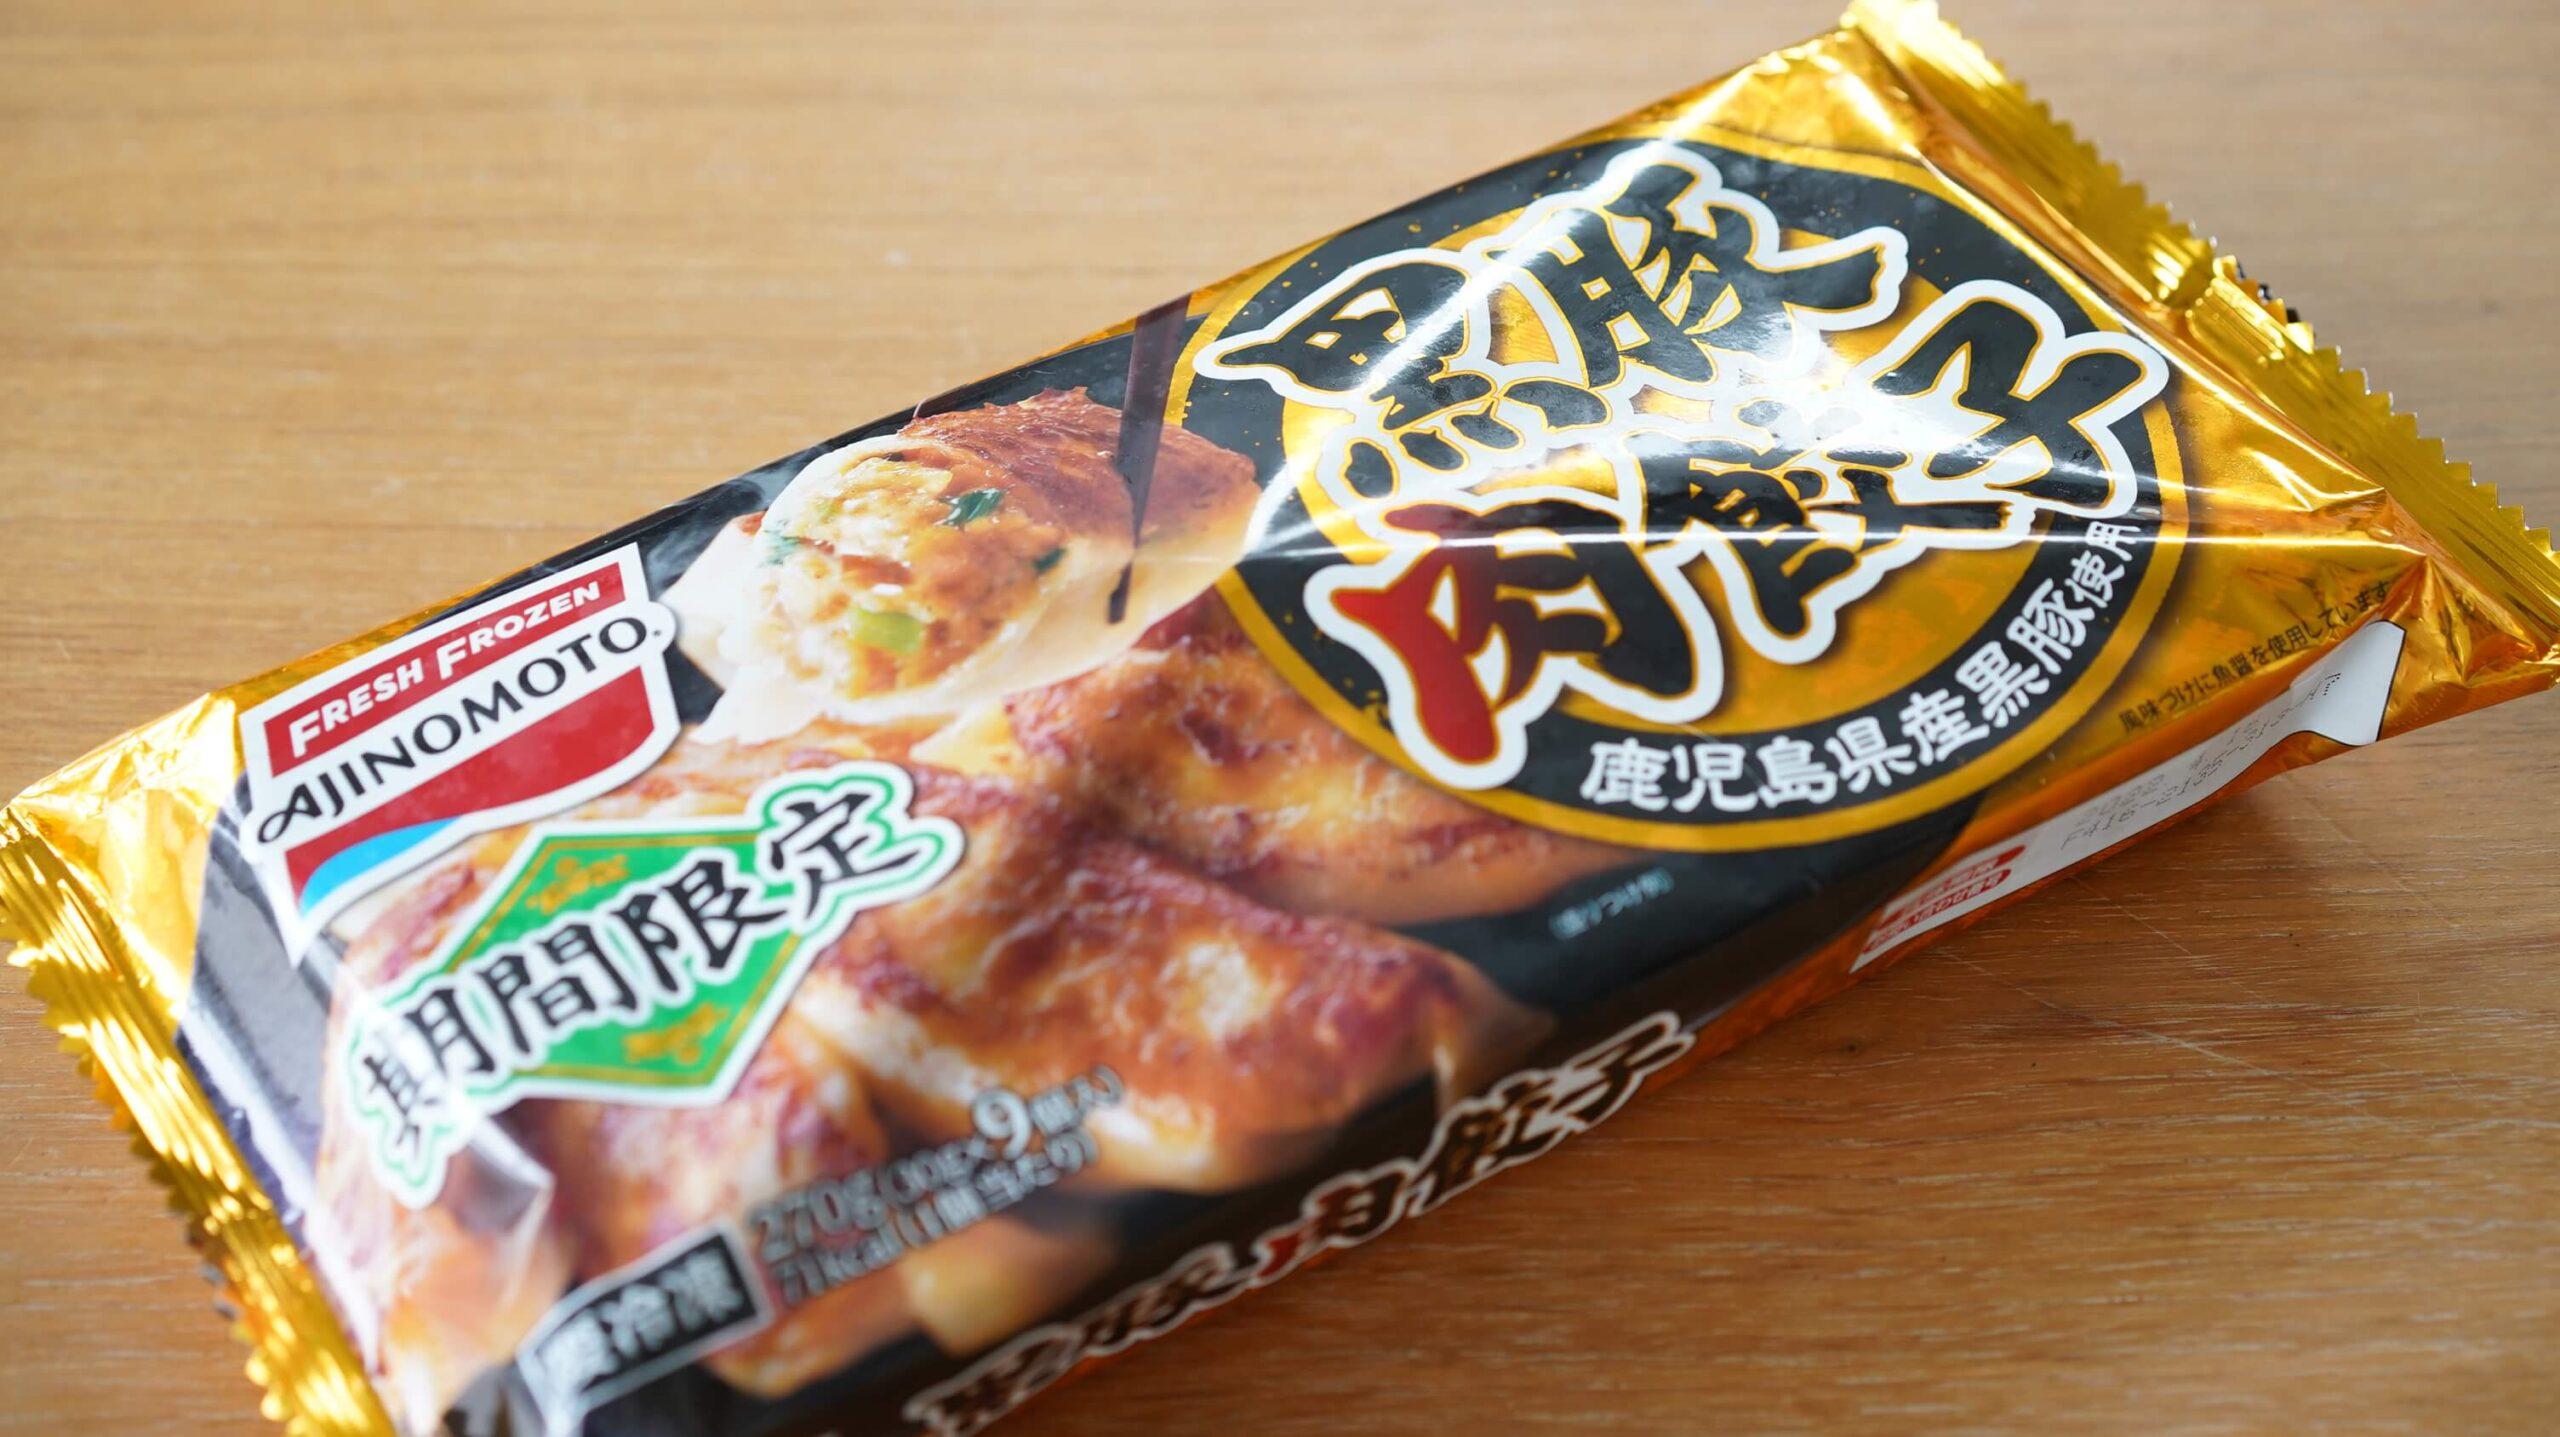 味の素の冷凍食品「黒豚肉餃子」のパッケージを斜め上から撮影した写真